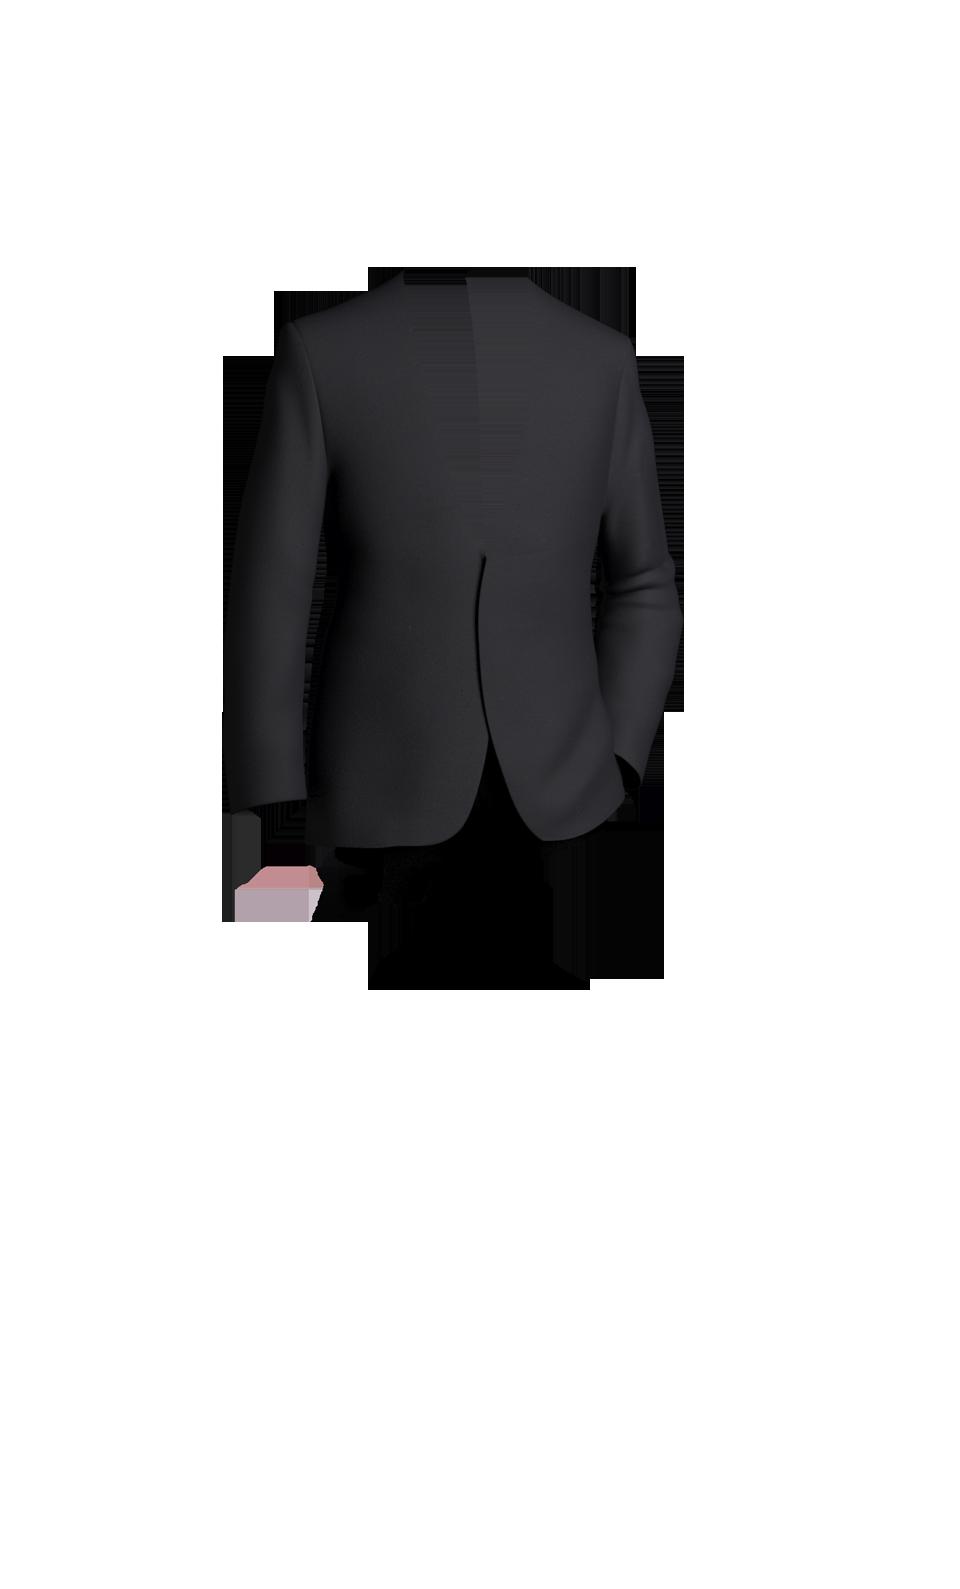 Design your own tuxedo. Suit clipart black blazer